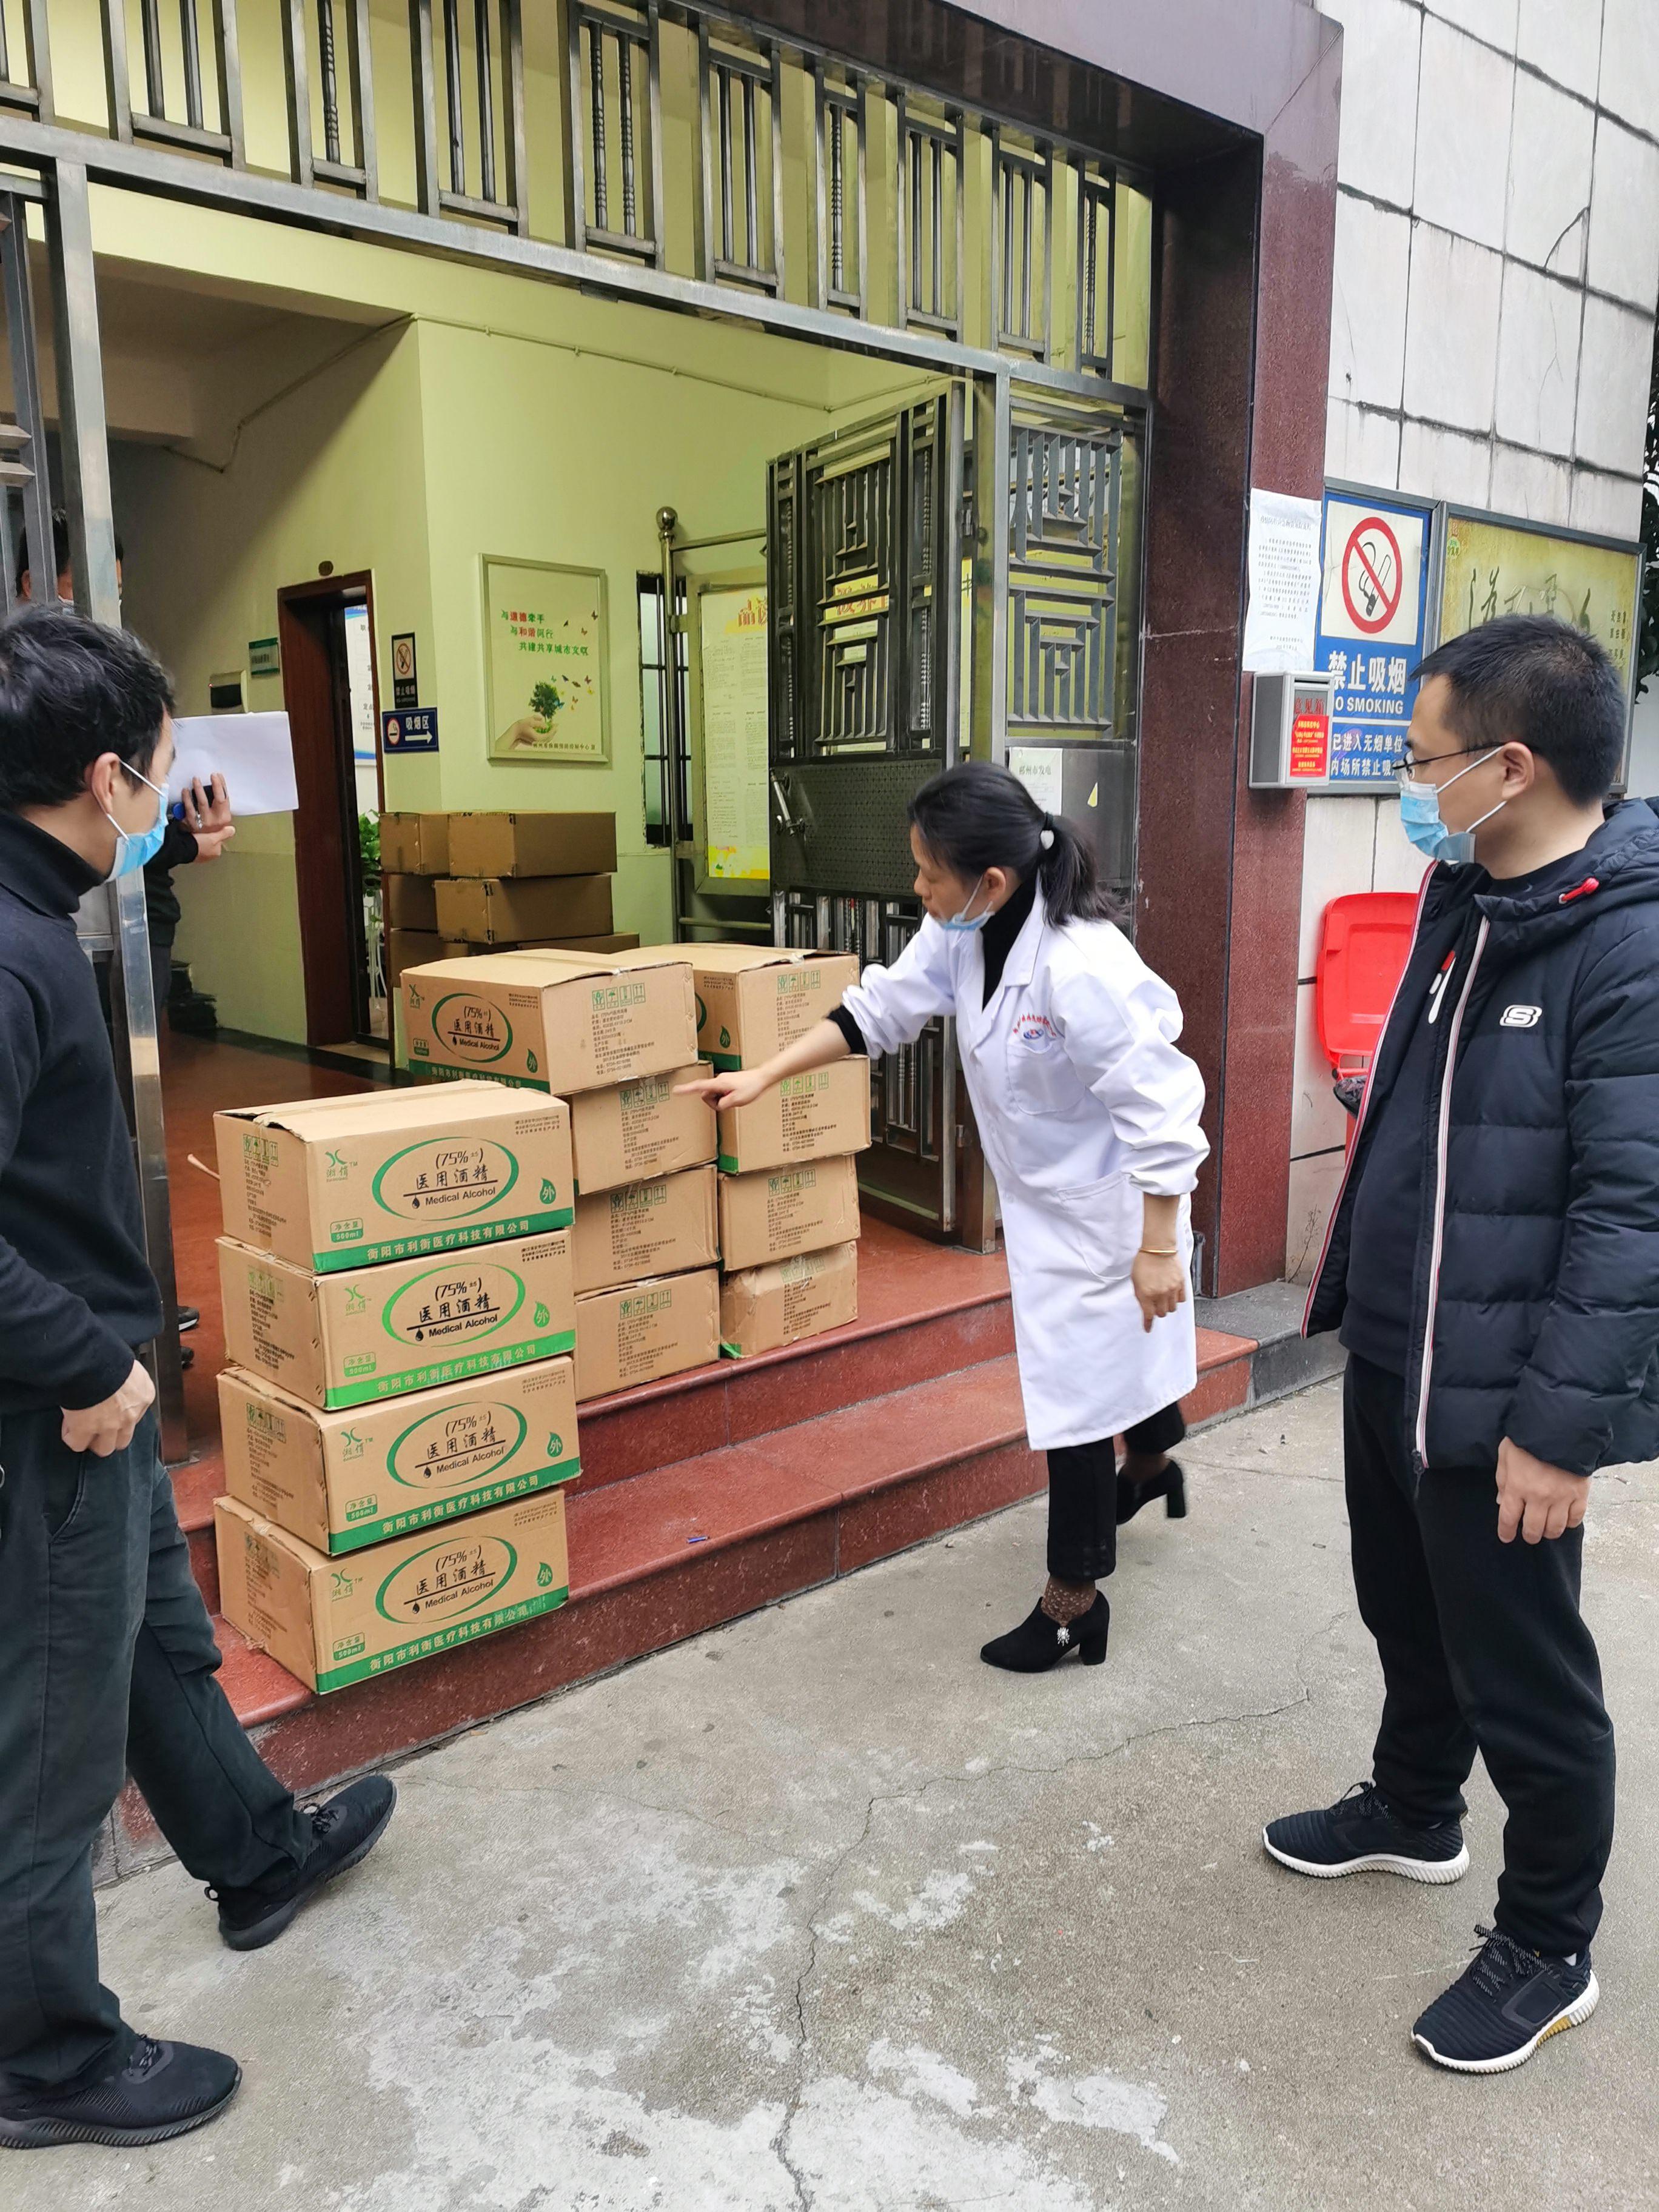 1  向郴州疾控中心捐赠医用酒精.jpg